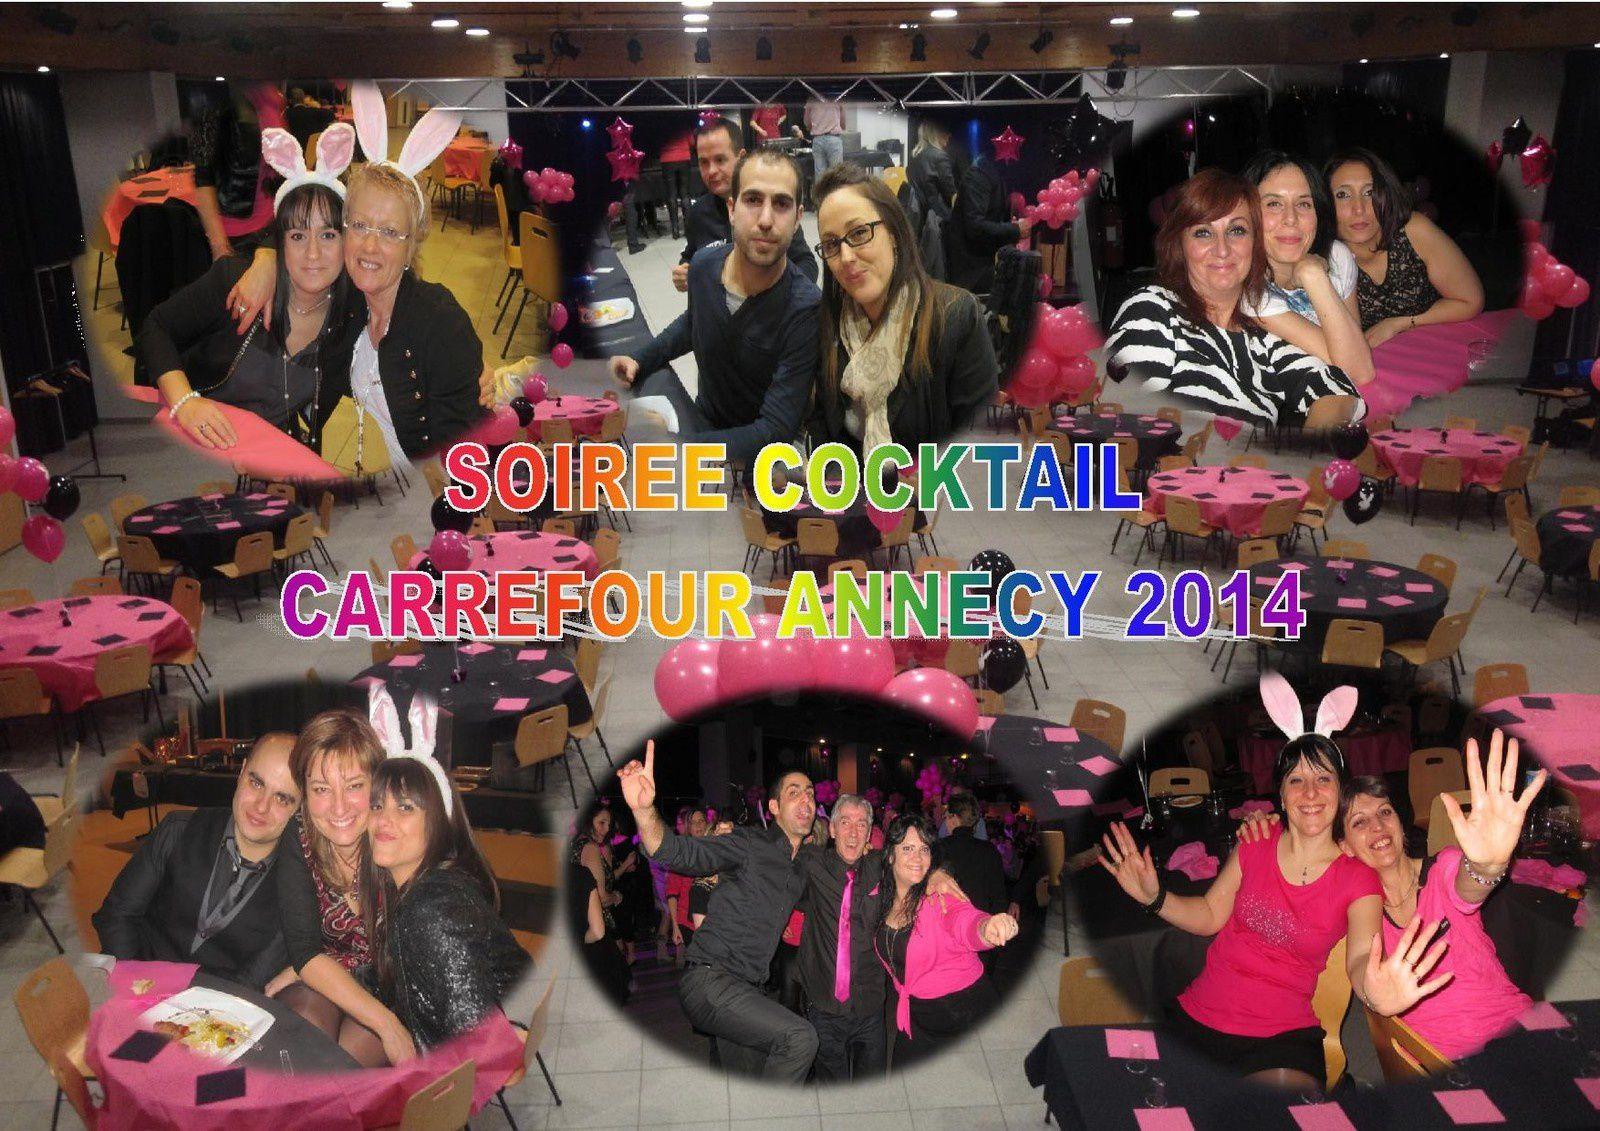 L'ALBUM PHOTO DE LA SOIREE COCKTAIL CARREFOUR ANNECY 2014